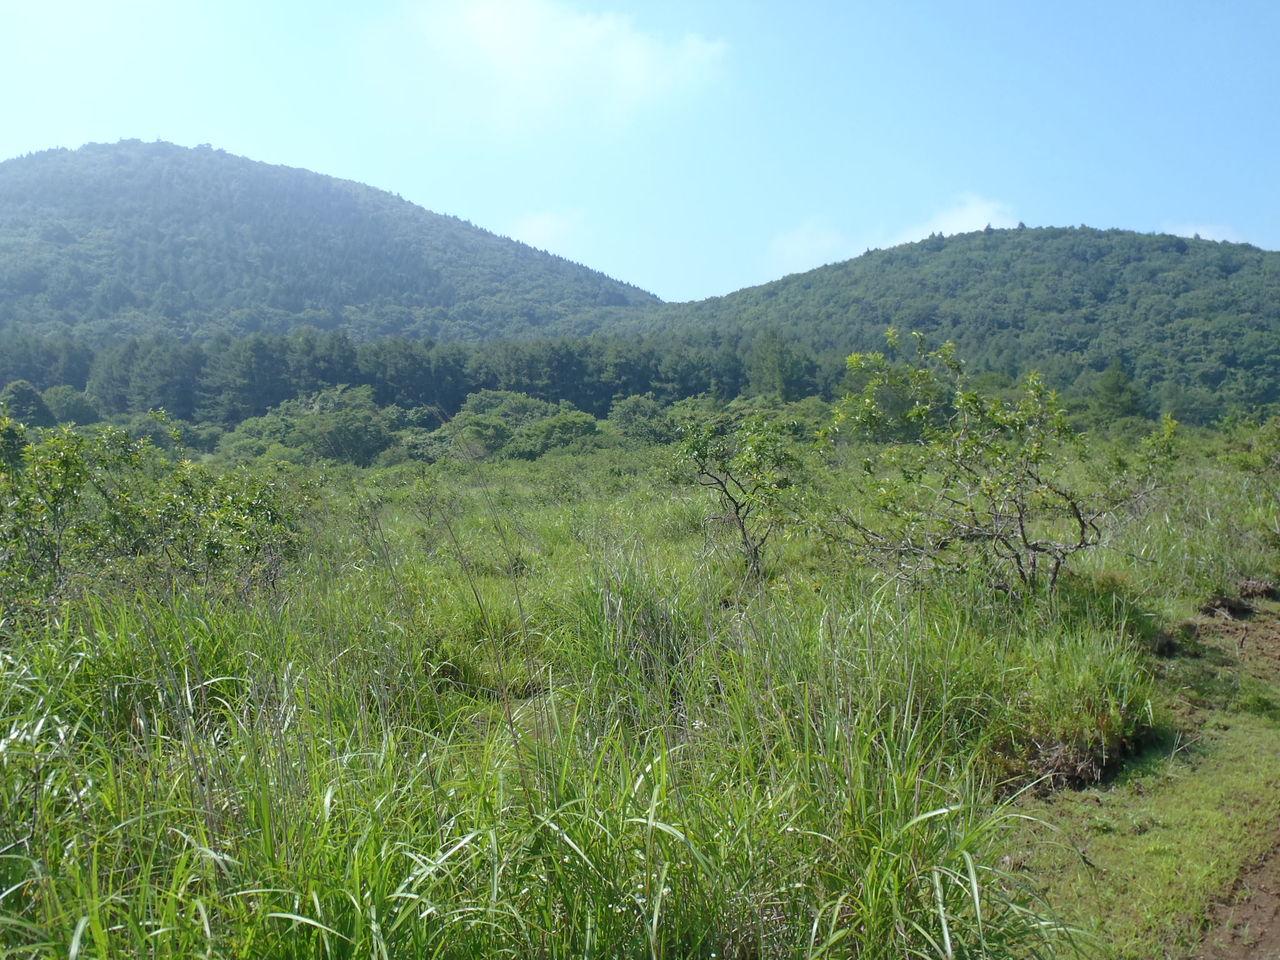 山梨・山の会  富士山麓探索 野尻草原と列状火口 8月2日 晴れコメントトラックバック                eyama